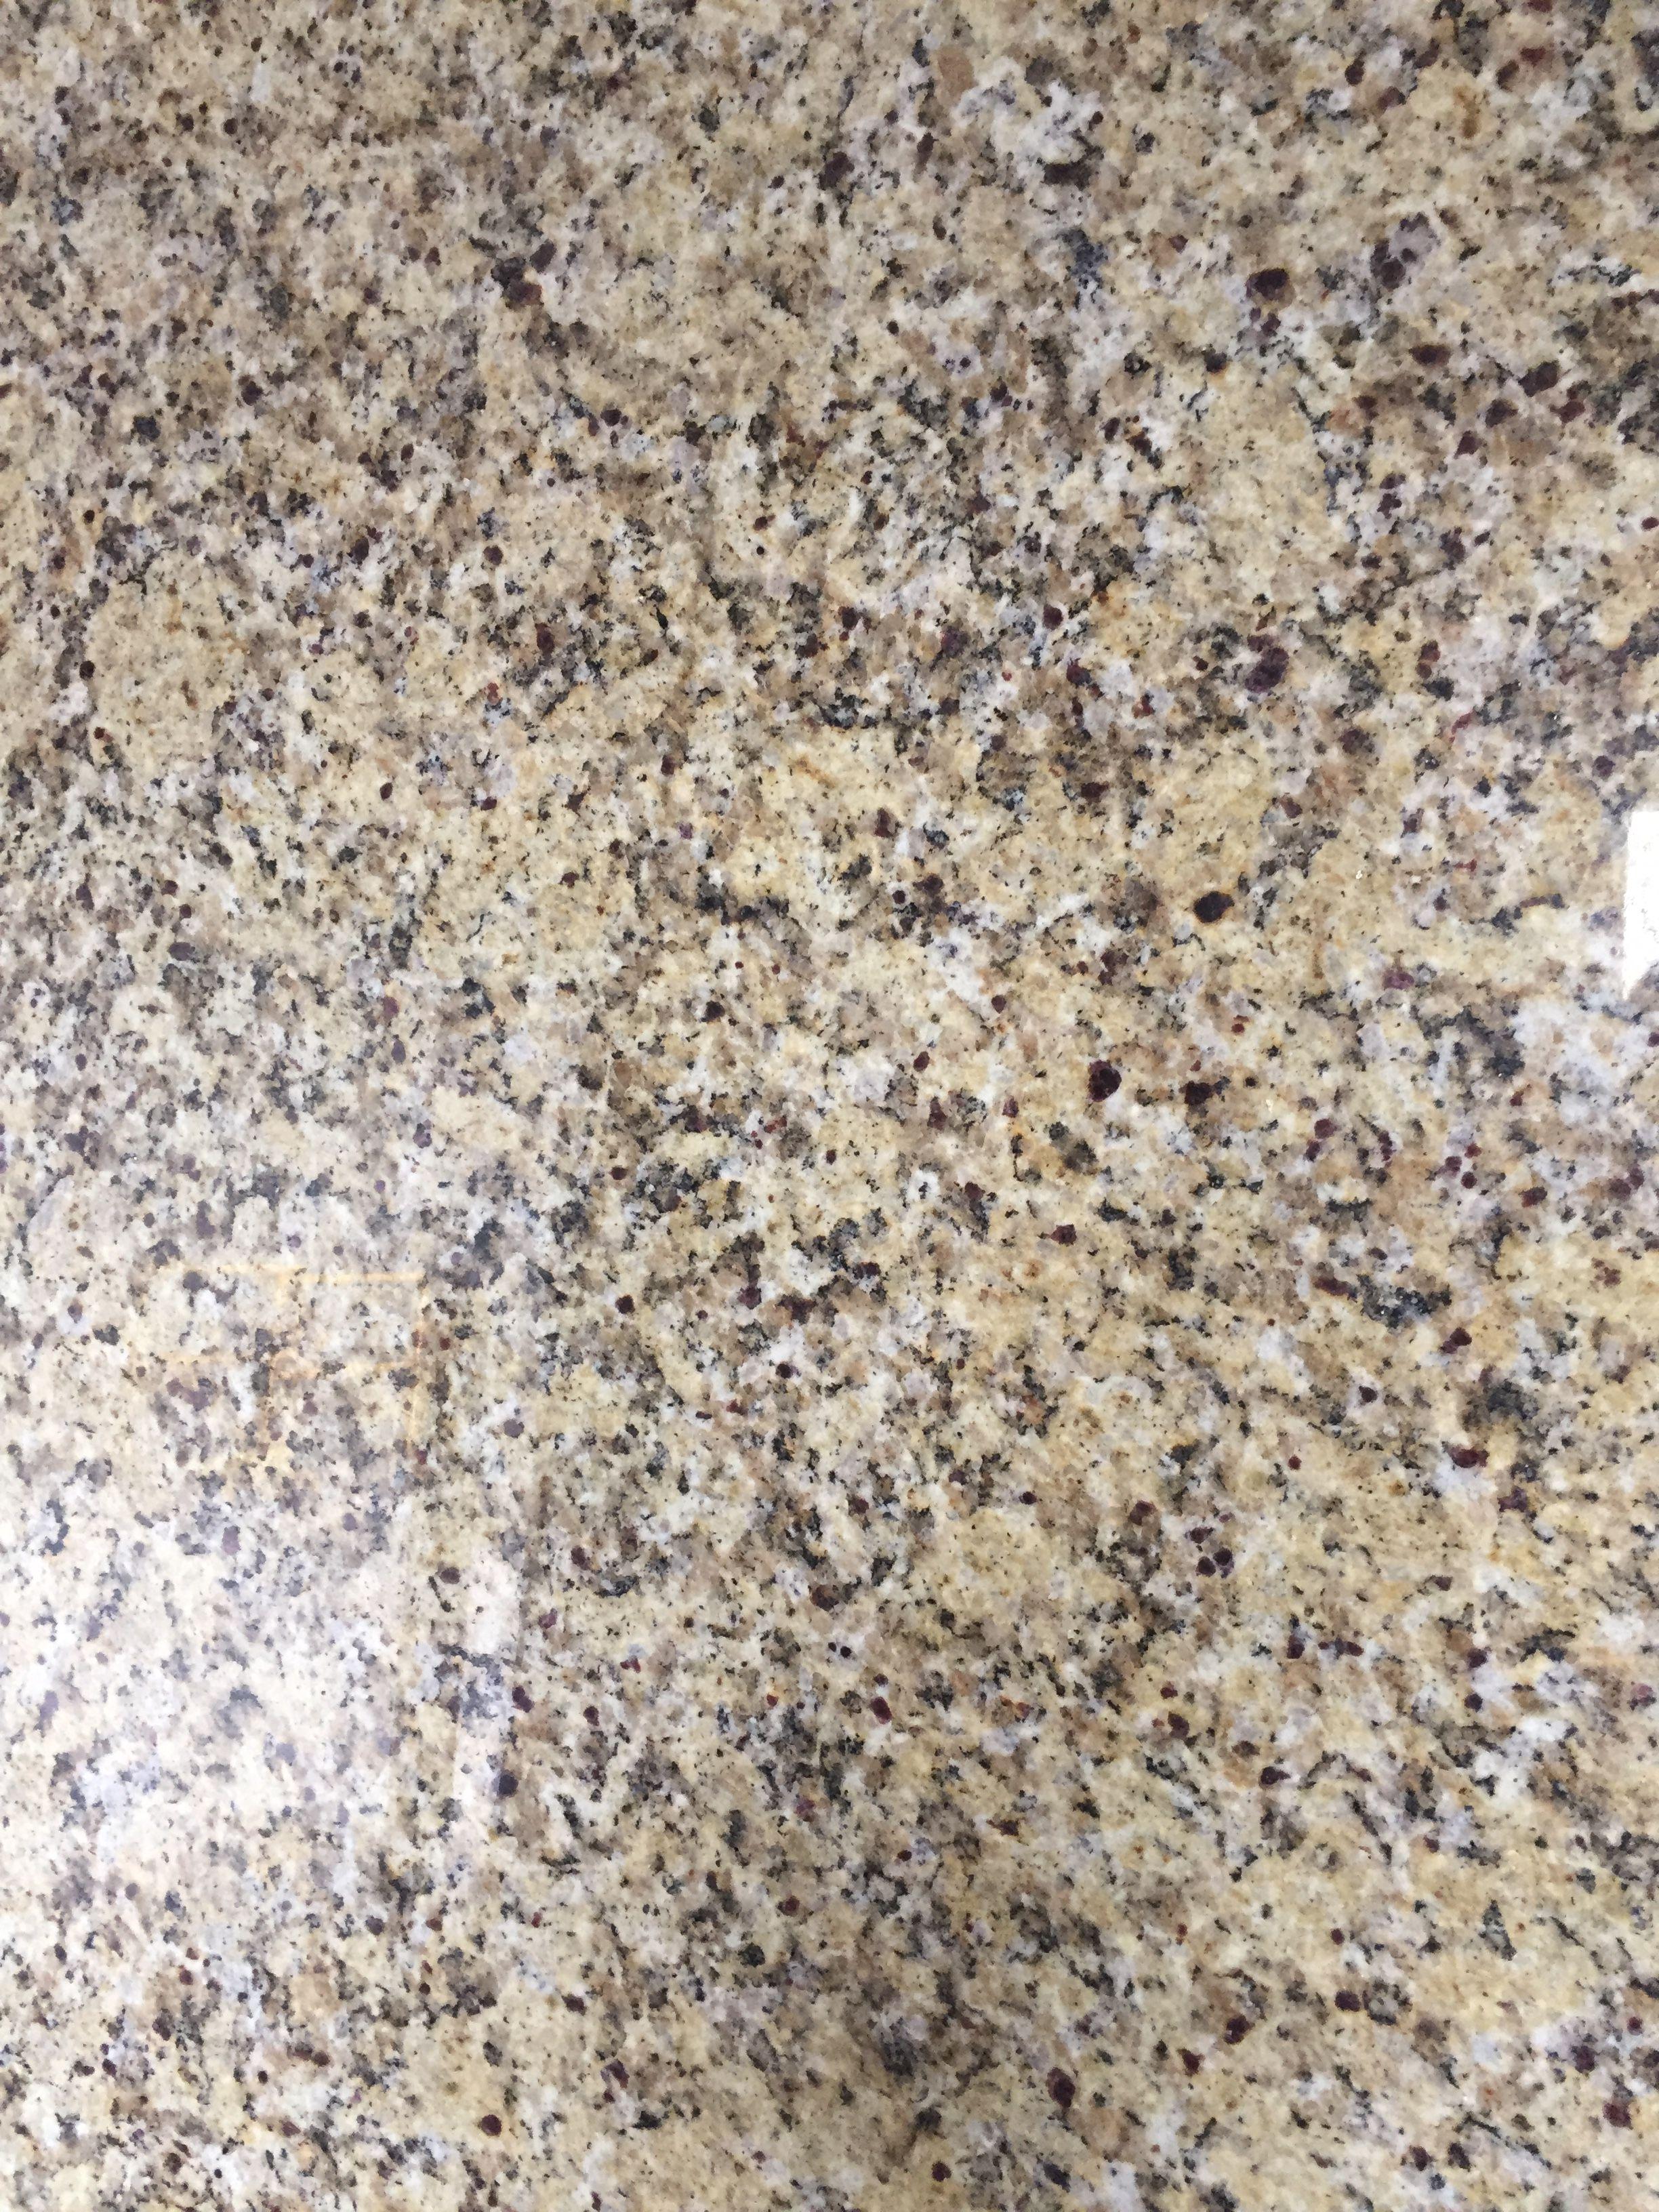 Giallo Napoli Granite #granite #marble #quartz #quartzite